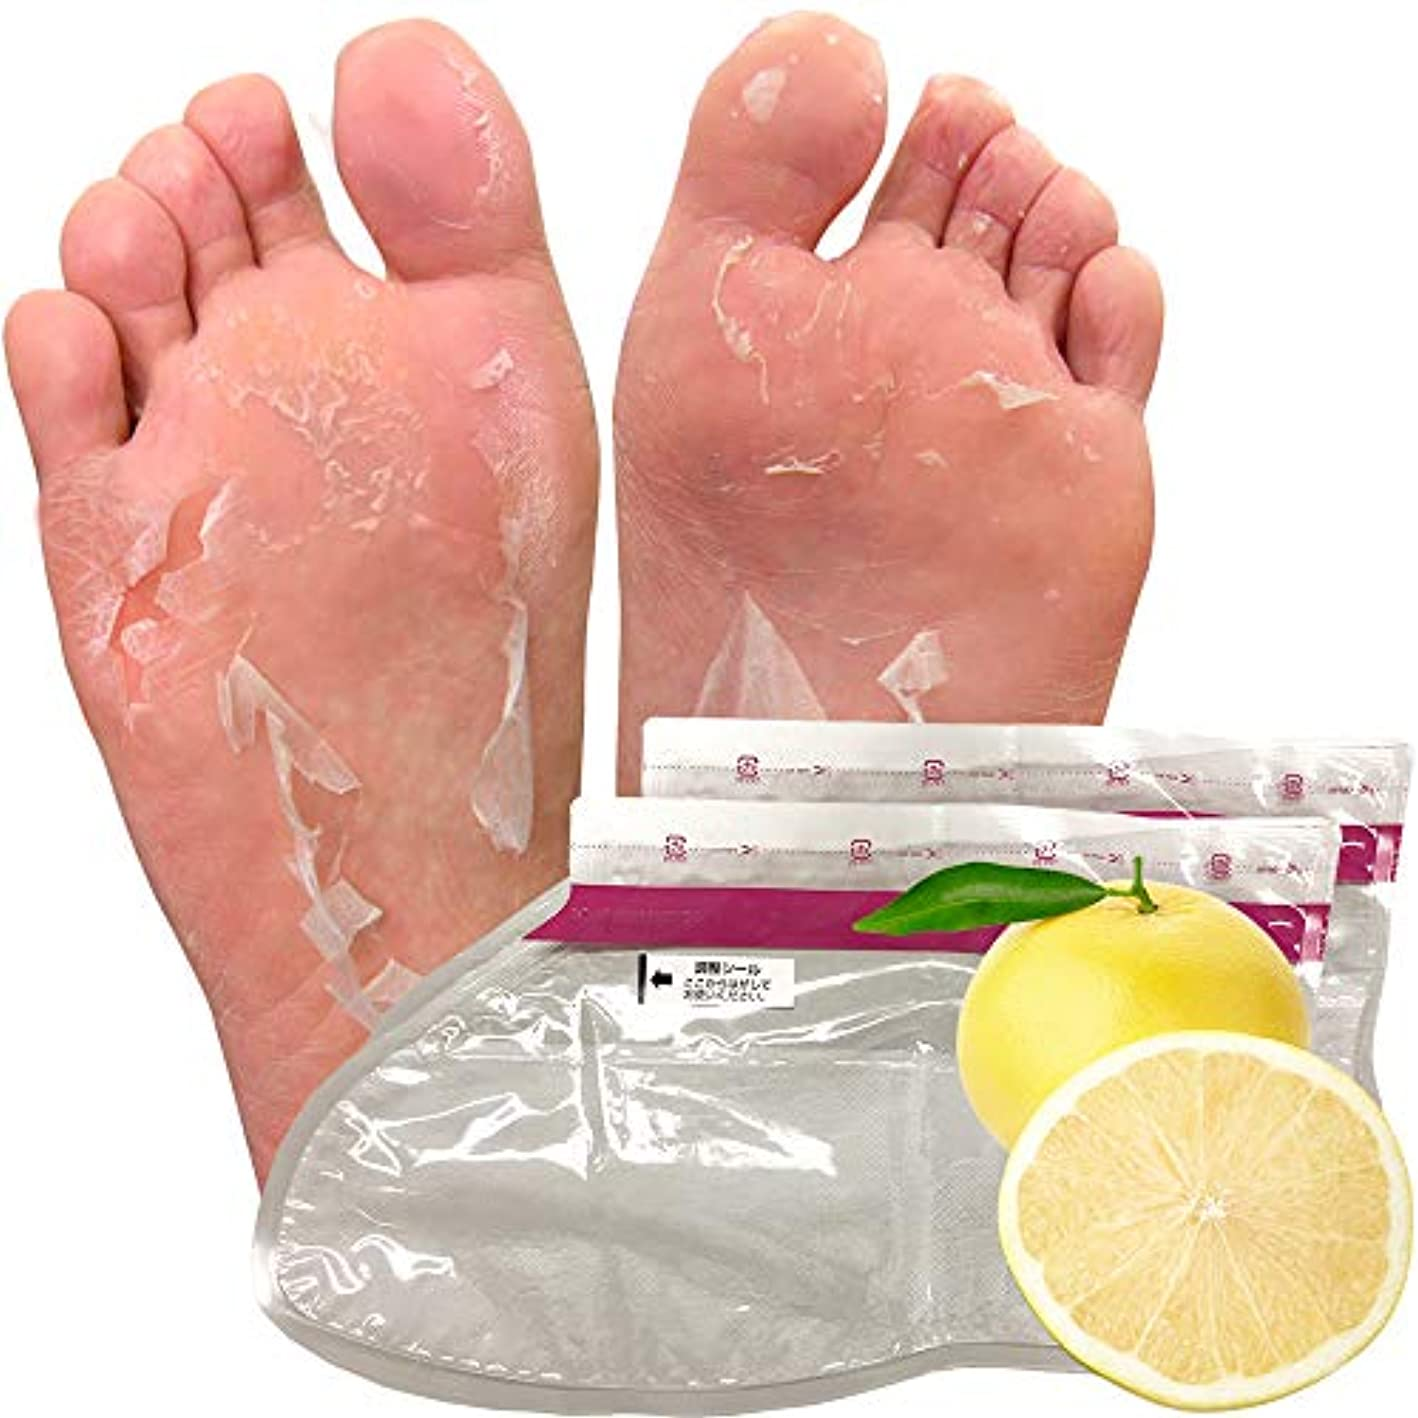 在庫松急降下【3回分】グレープフルーツフットピーリングパック ペロリン 足の角質取りパック 足 かくしつ 除去バック 足の裏